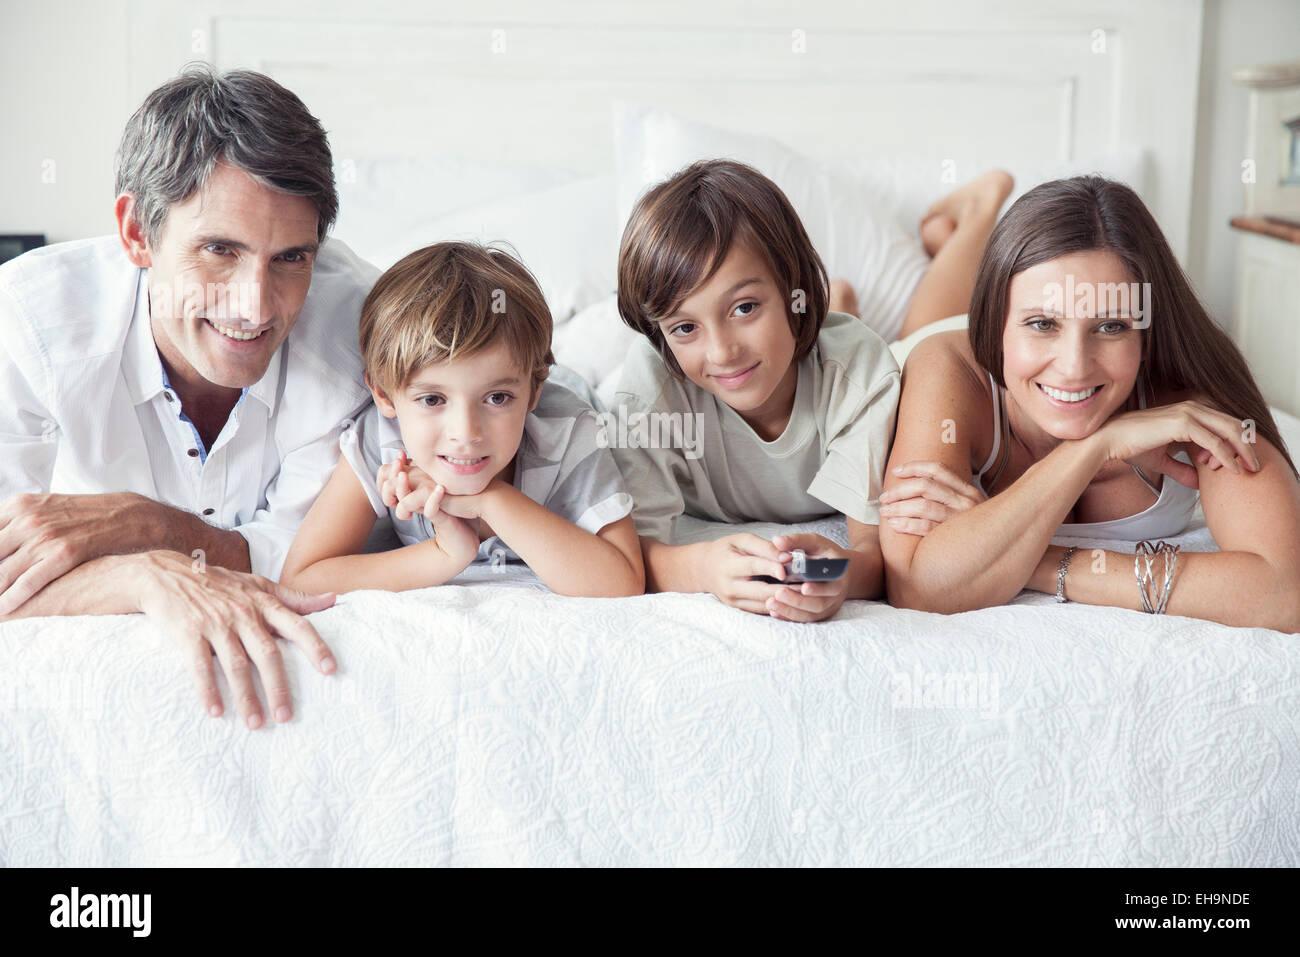 Regarder la télévision en famille sur lit, portrait Photo Stock